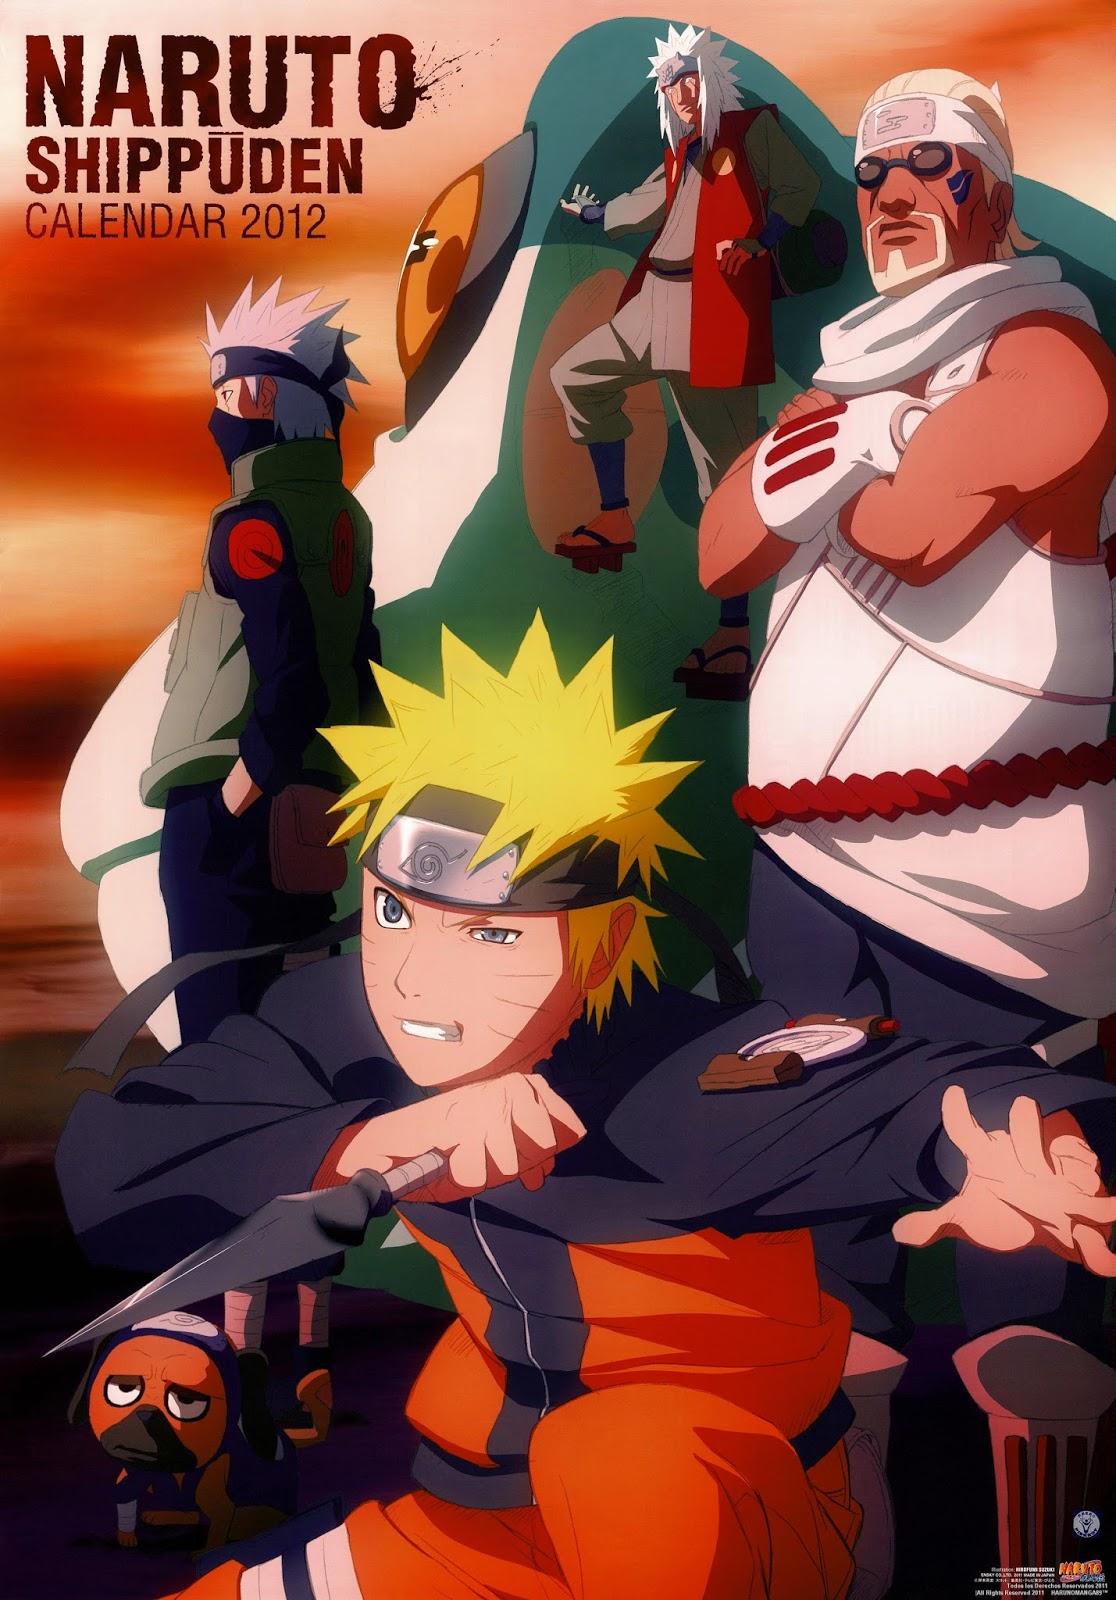 Naruto Sức Mạnh Vĩ Thú - Naruto Shippuuden